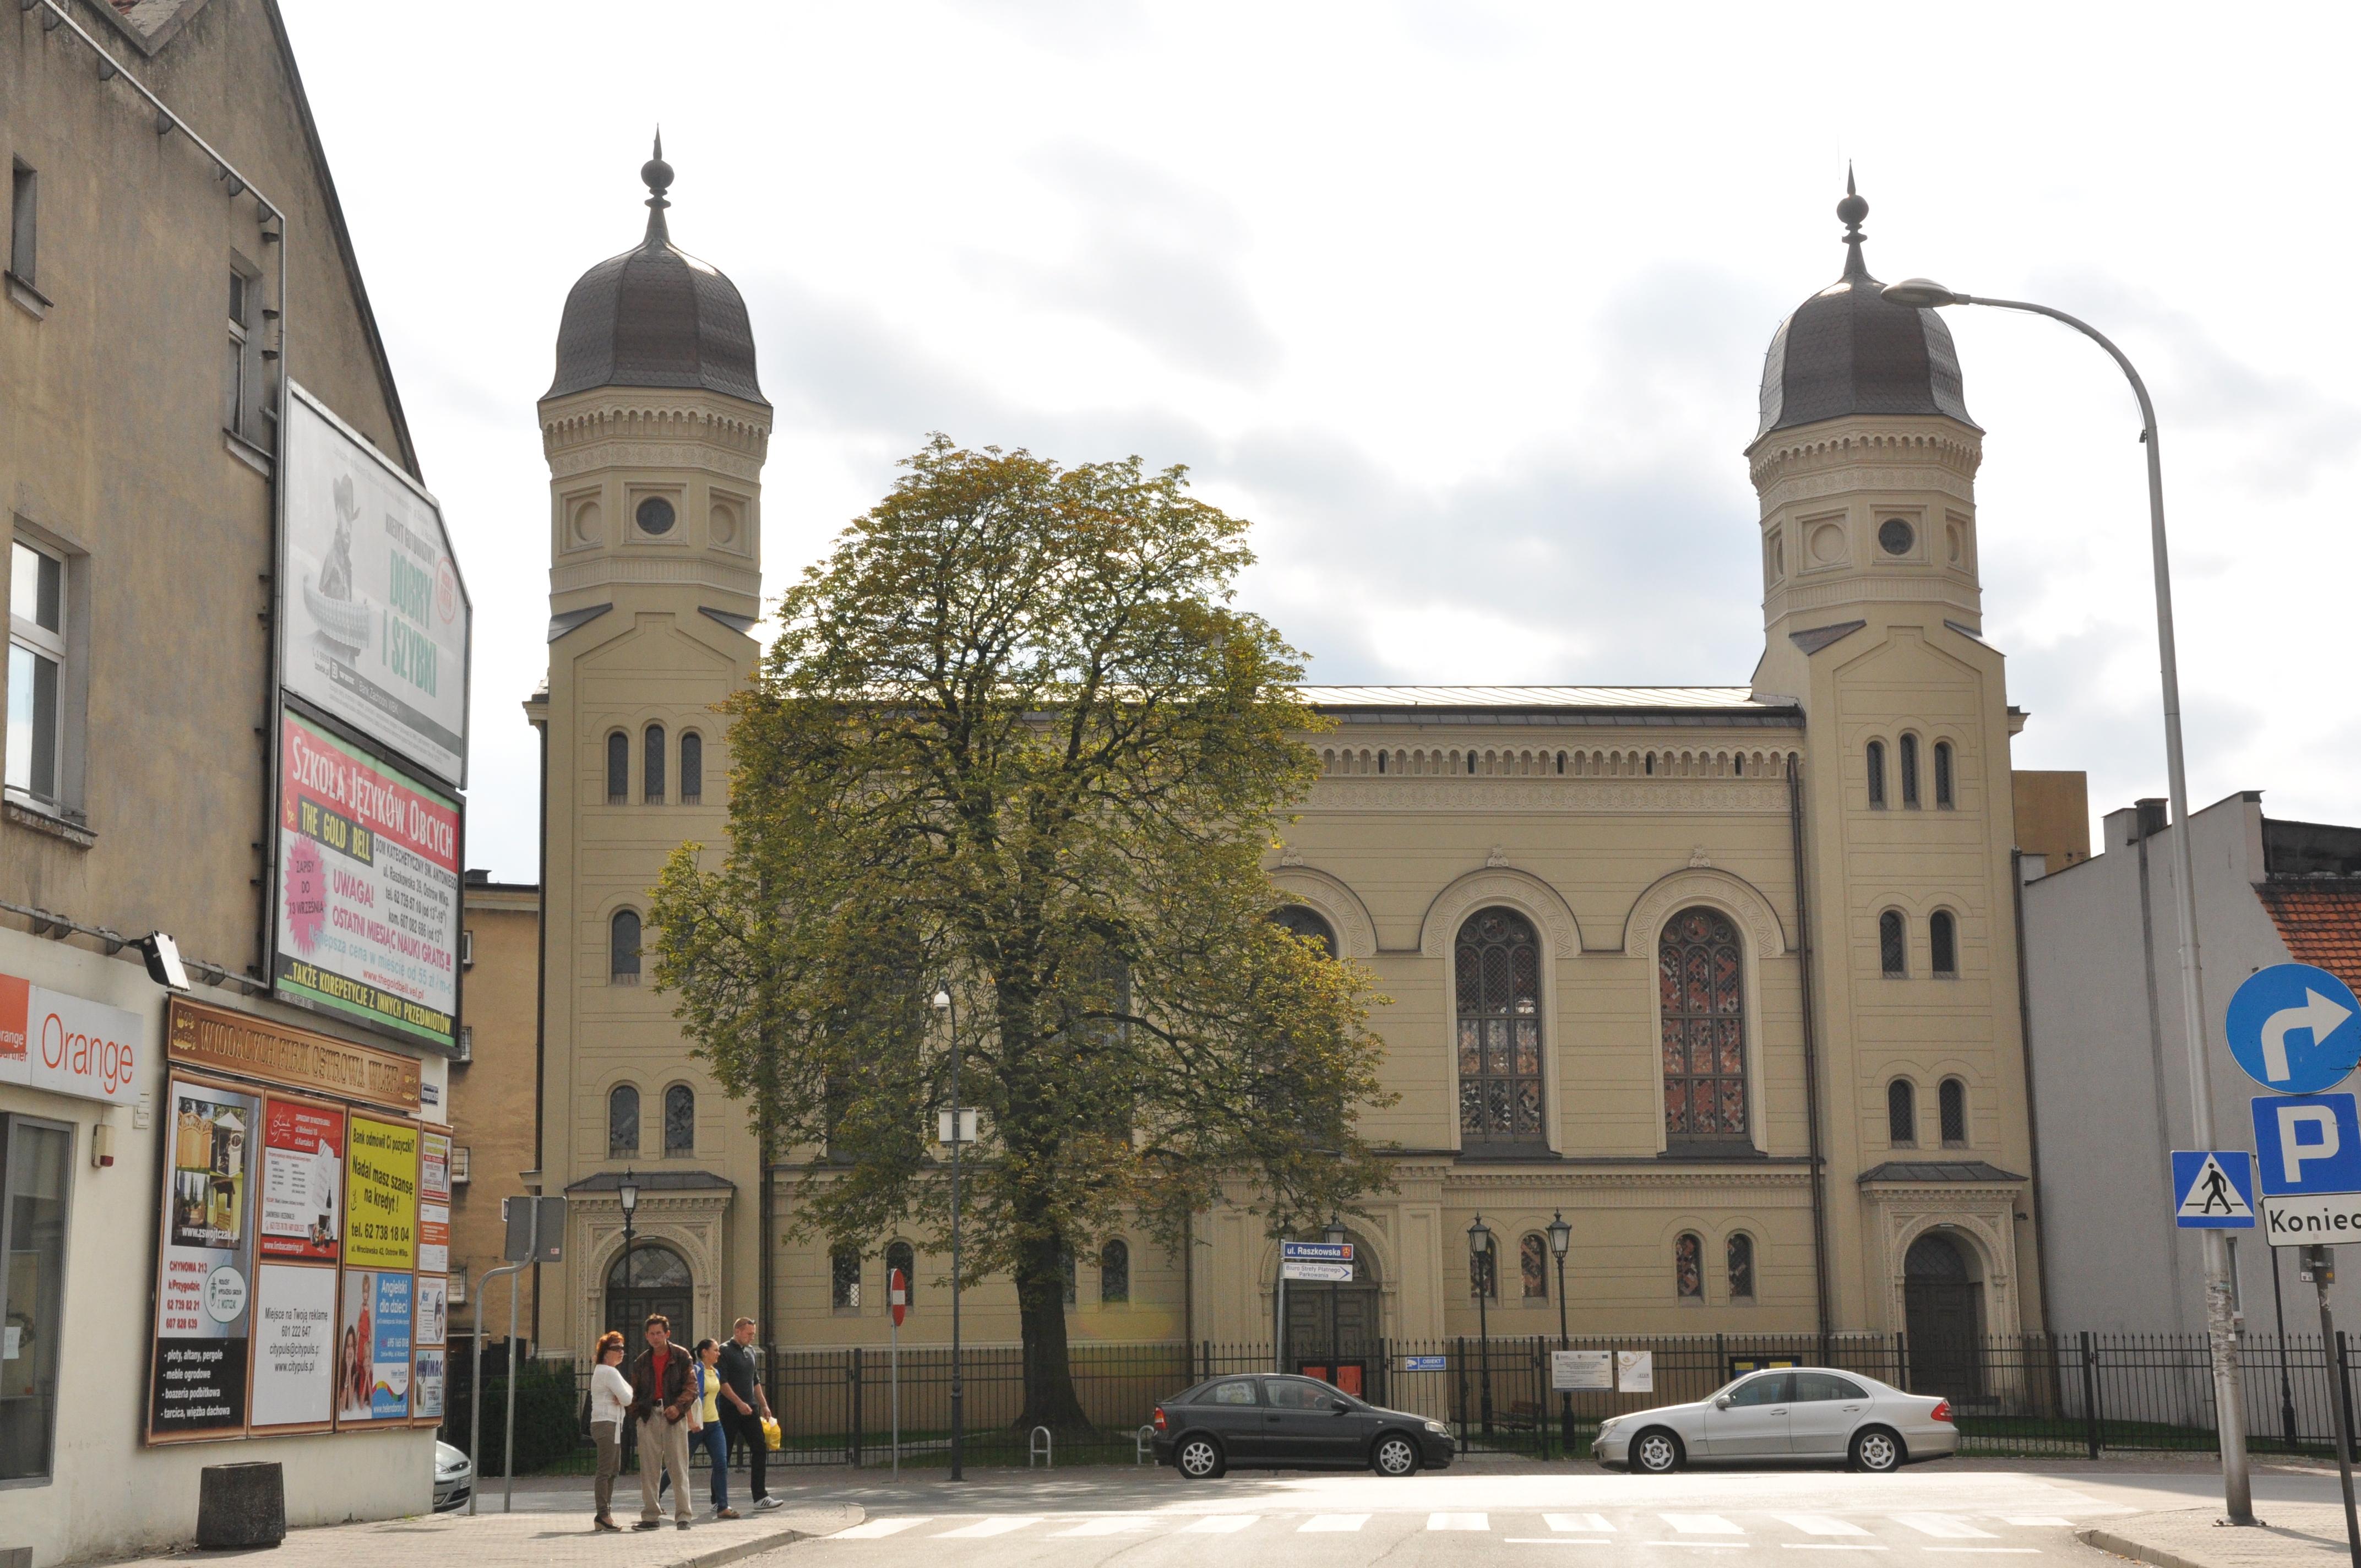 https://upload.wikimedia.org/wikipedia/commons/b/be/Ostrow_Wielkopolski_ul.Raszkowska-Synagoga_z_lat_1857-1860-434_A4.JPG